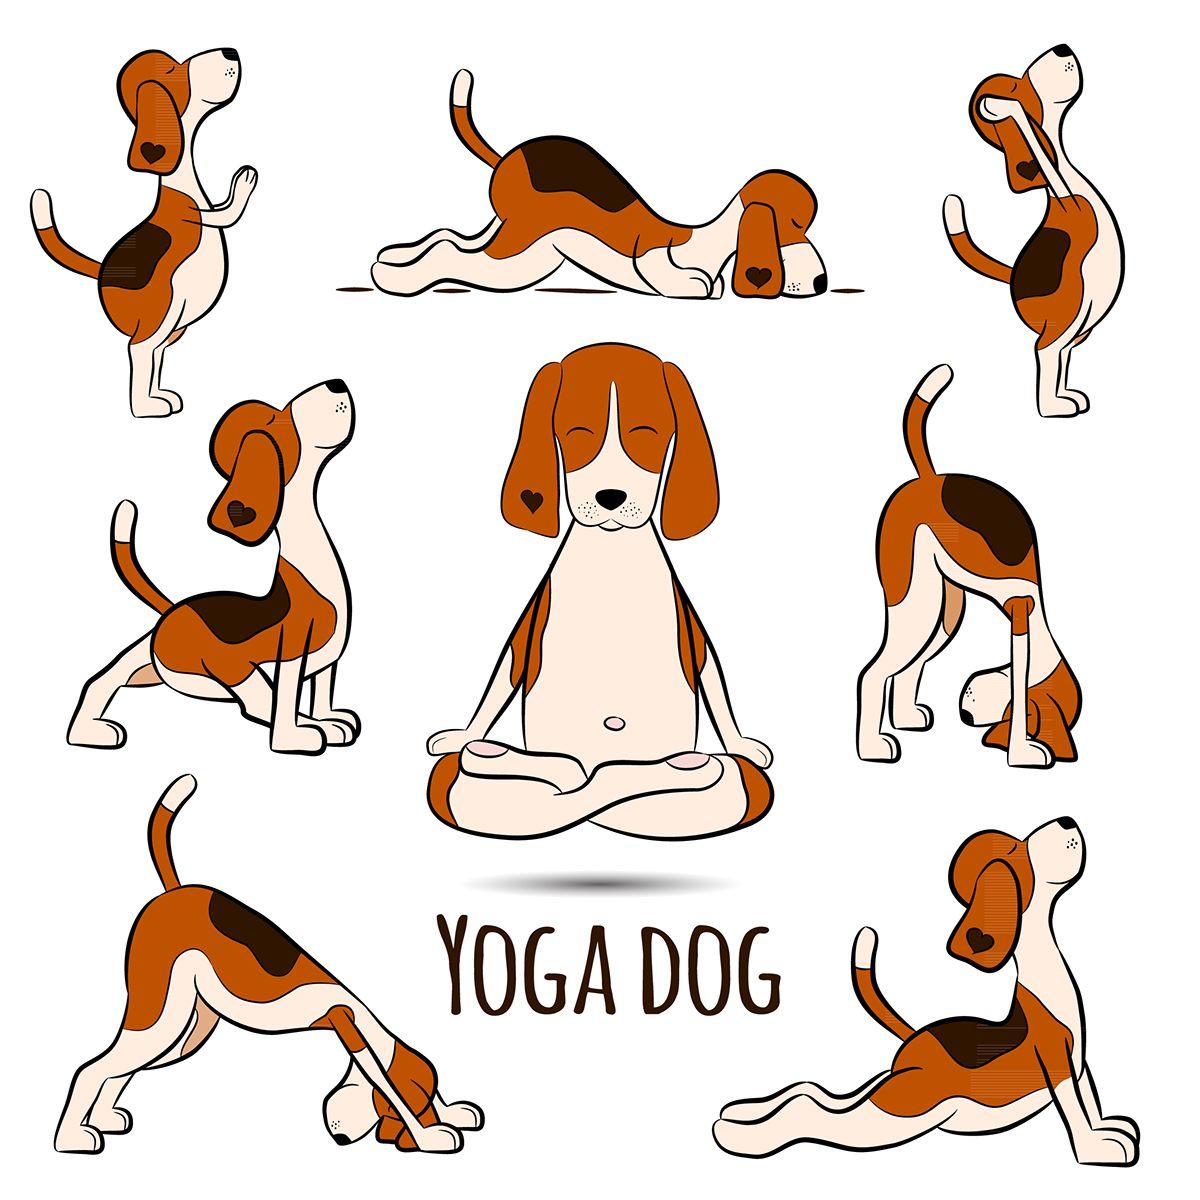 Yoga Dog on Behance | Dog yoga